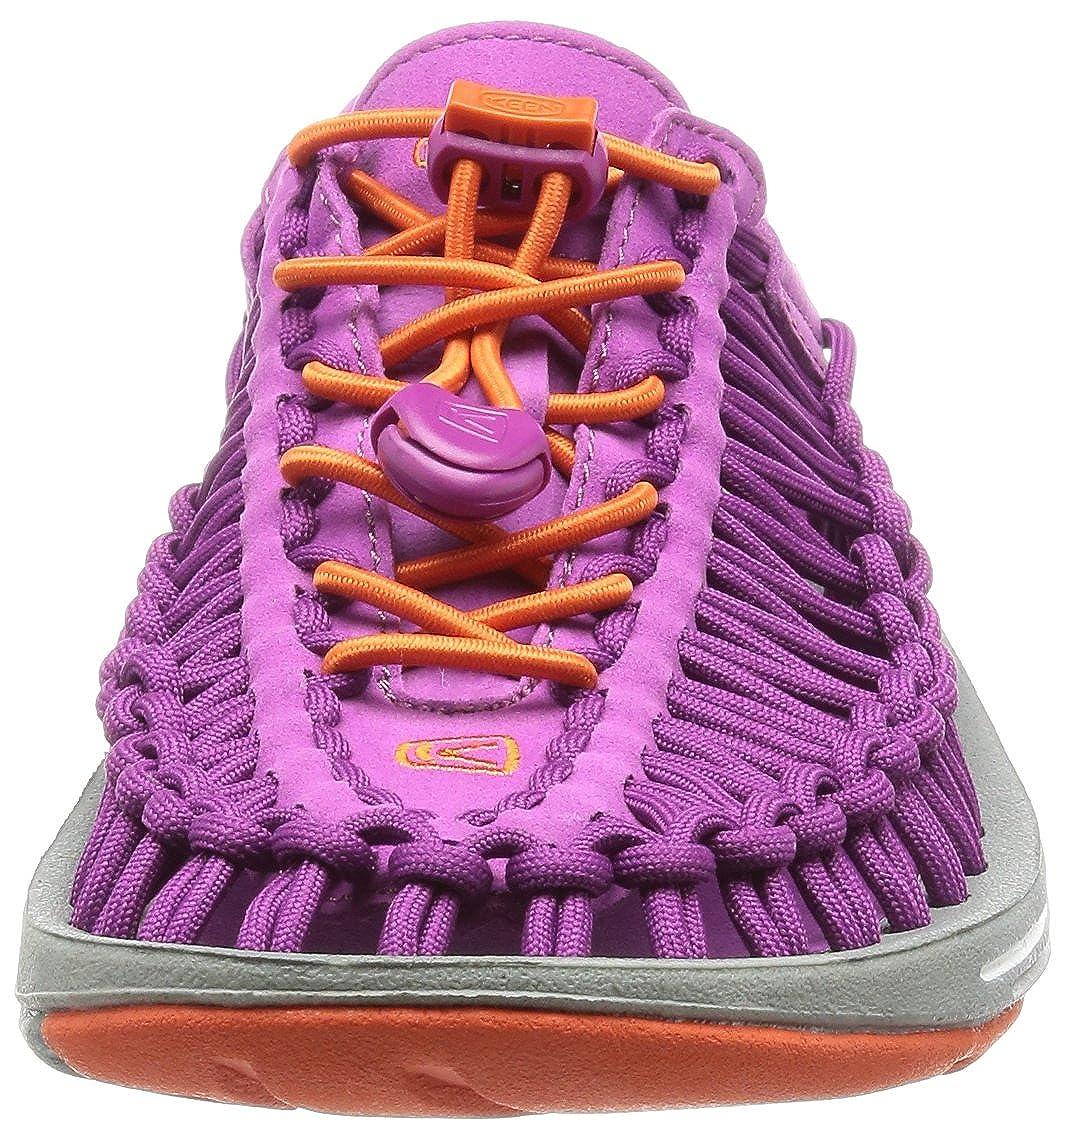 Keen Uneek Schuhe Schuhe Schuhe Wandern Damen Einheitsgröße 7086ff